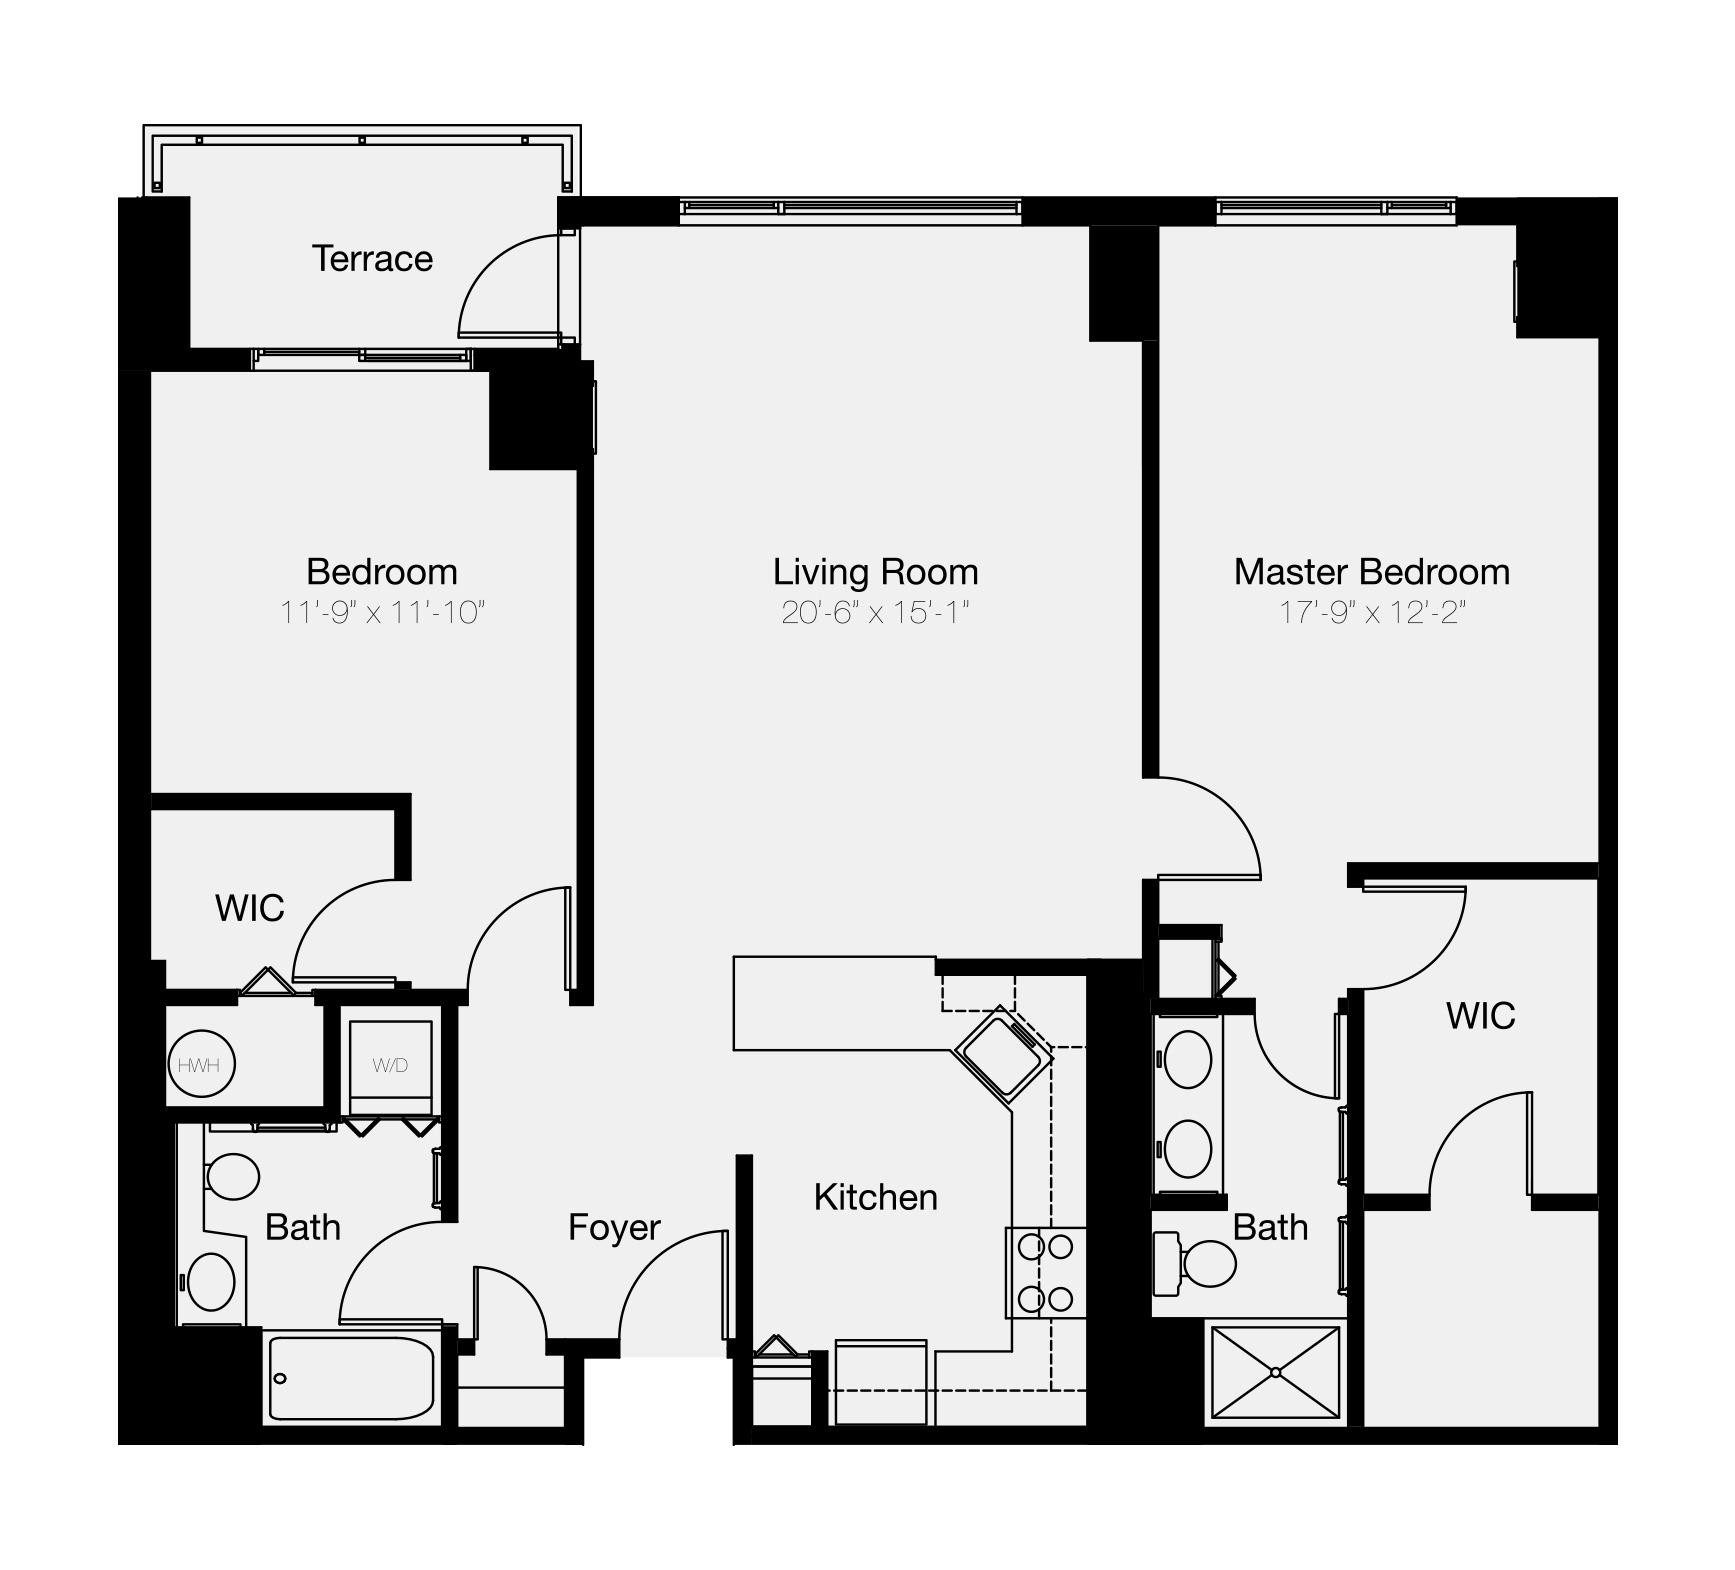 2-bedroom floor plan of Philadelphia condo for sale